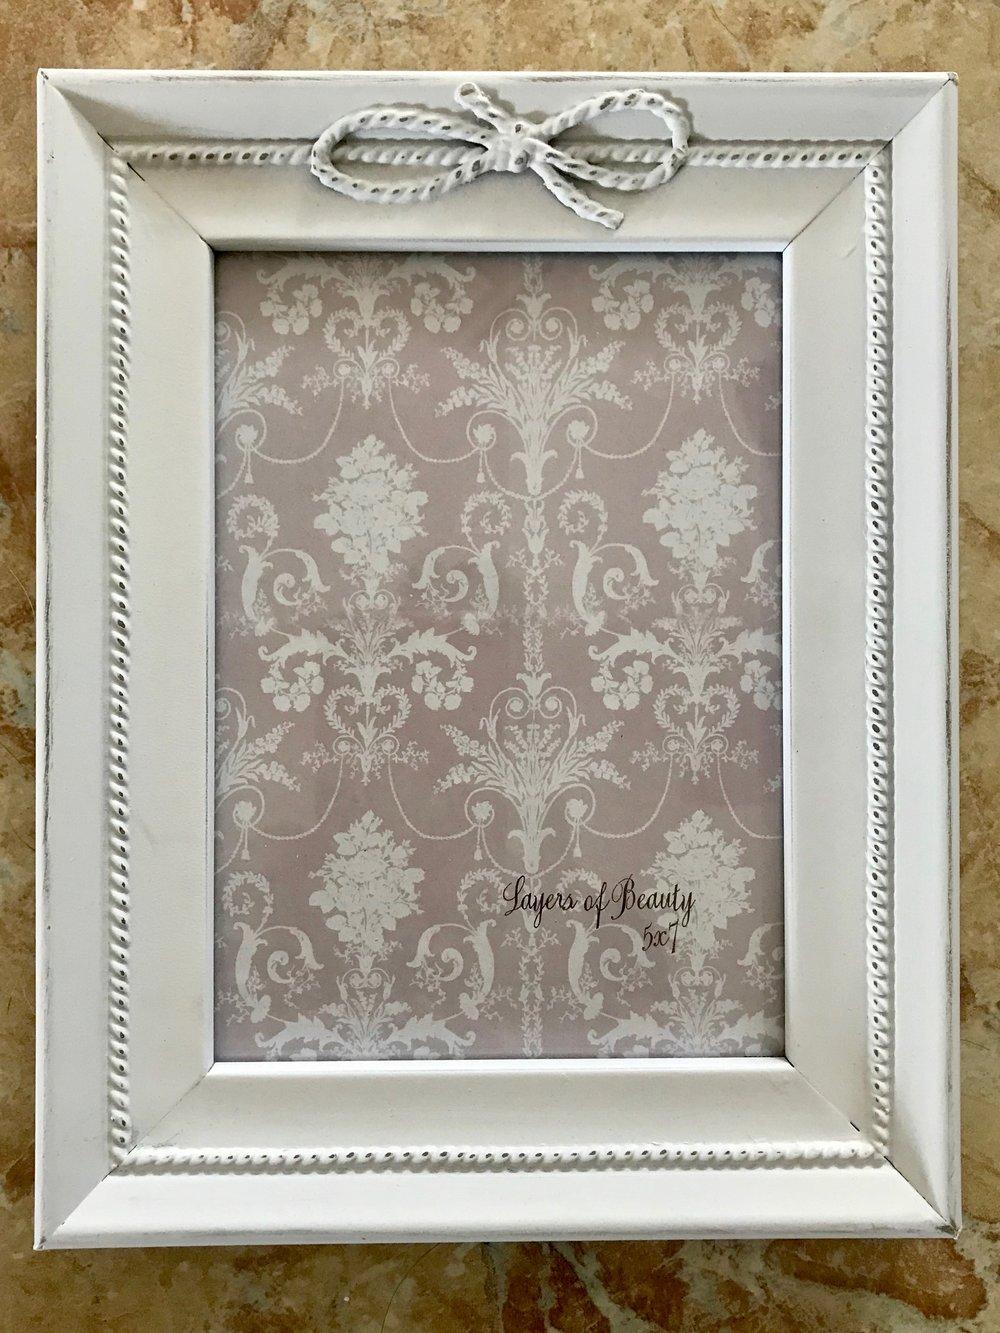 5x7 White Frame